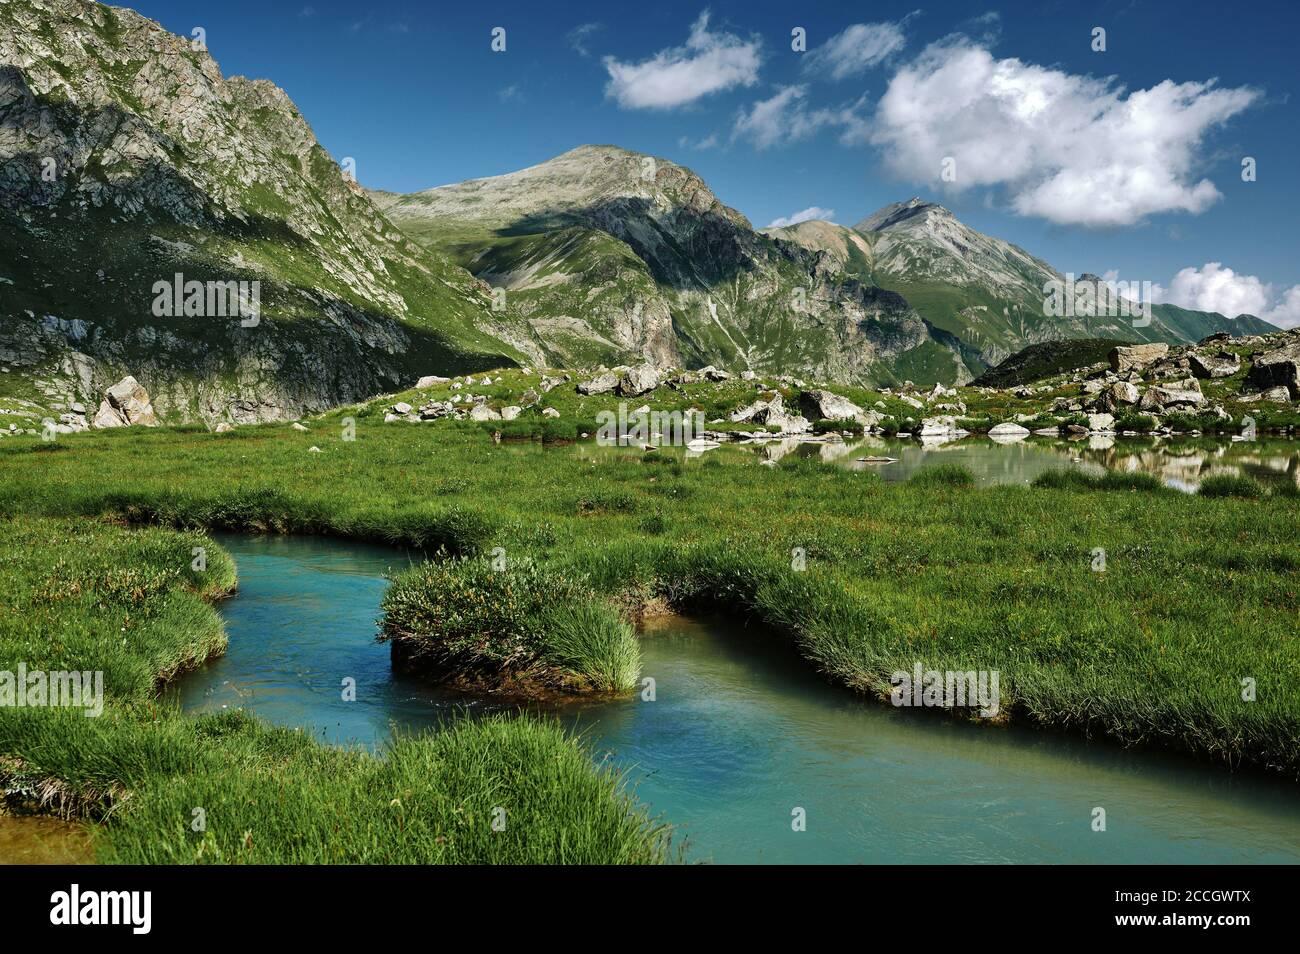 Majestätische Berglandschaft mit blauem tiefen Fluss in grün grasbewachsenen Tal. Wunderschöne wilde Natur Stockfoto